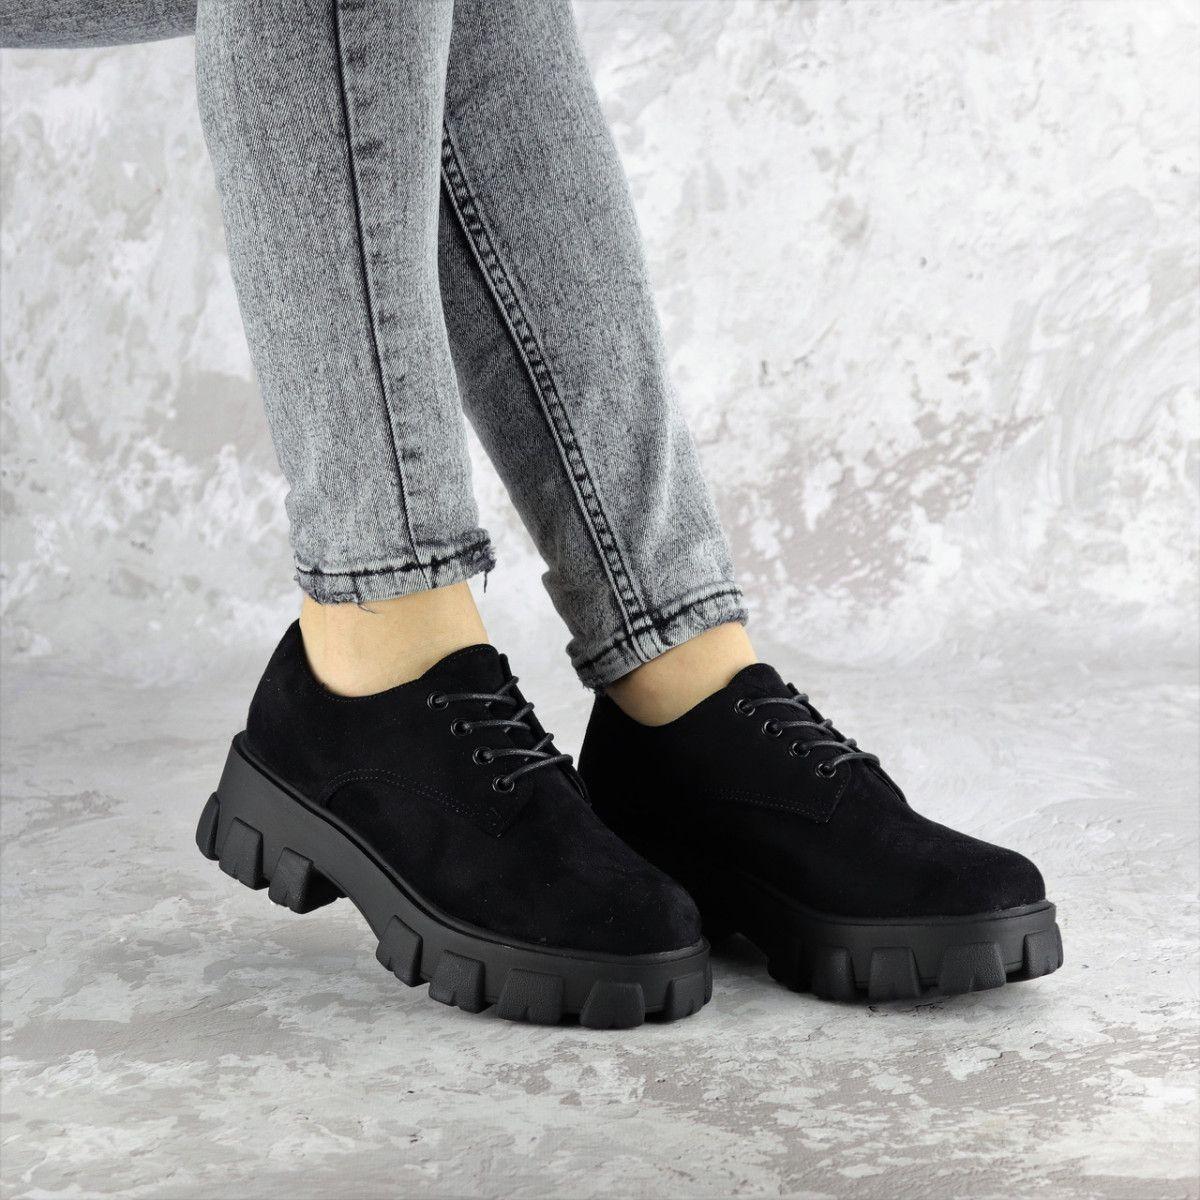 Туфли женские Fashion Chomper 2340 41 размер 26 см Черный